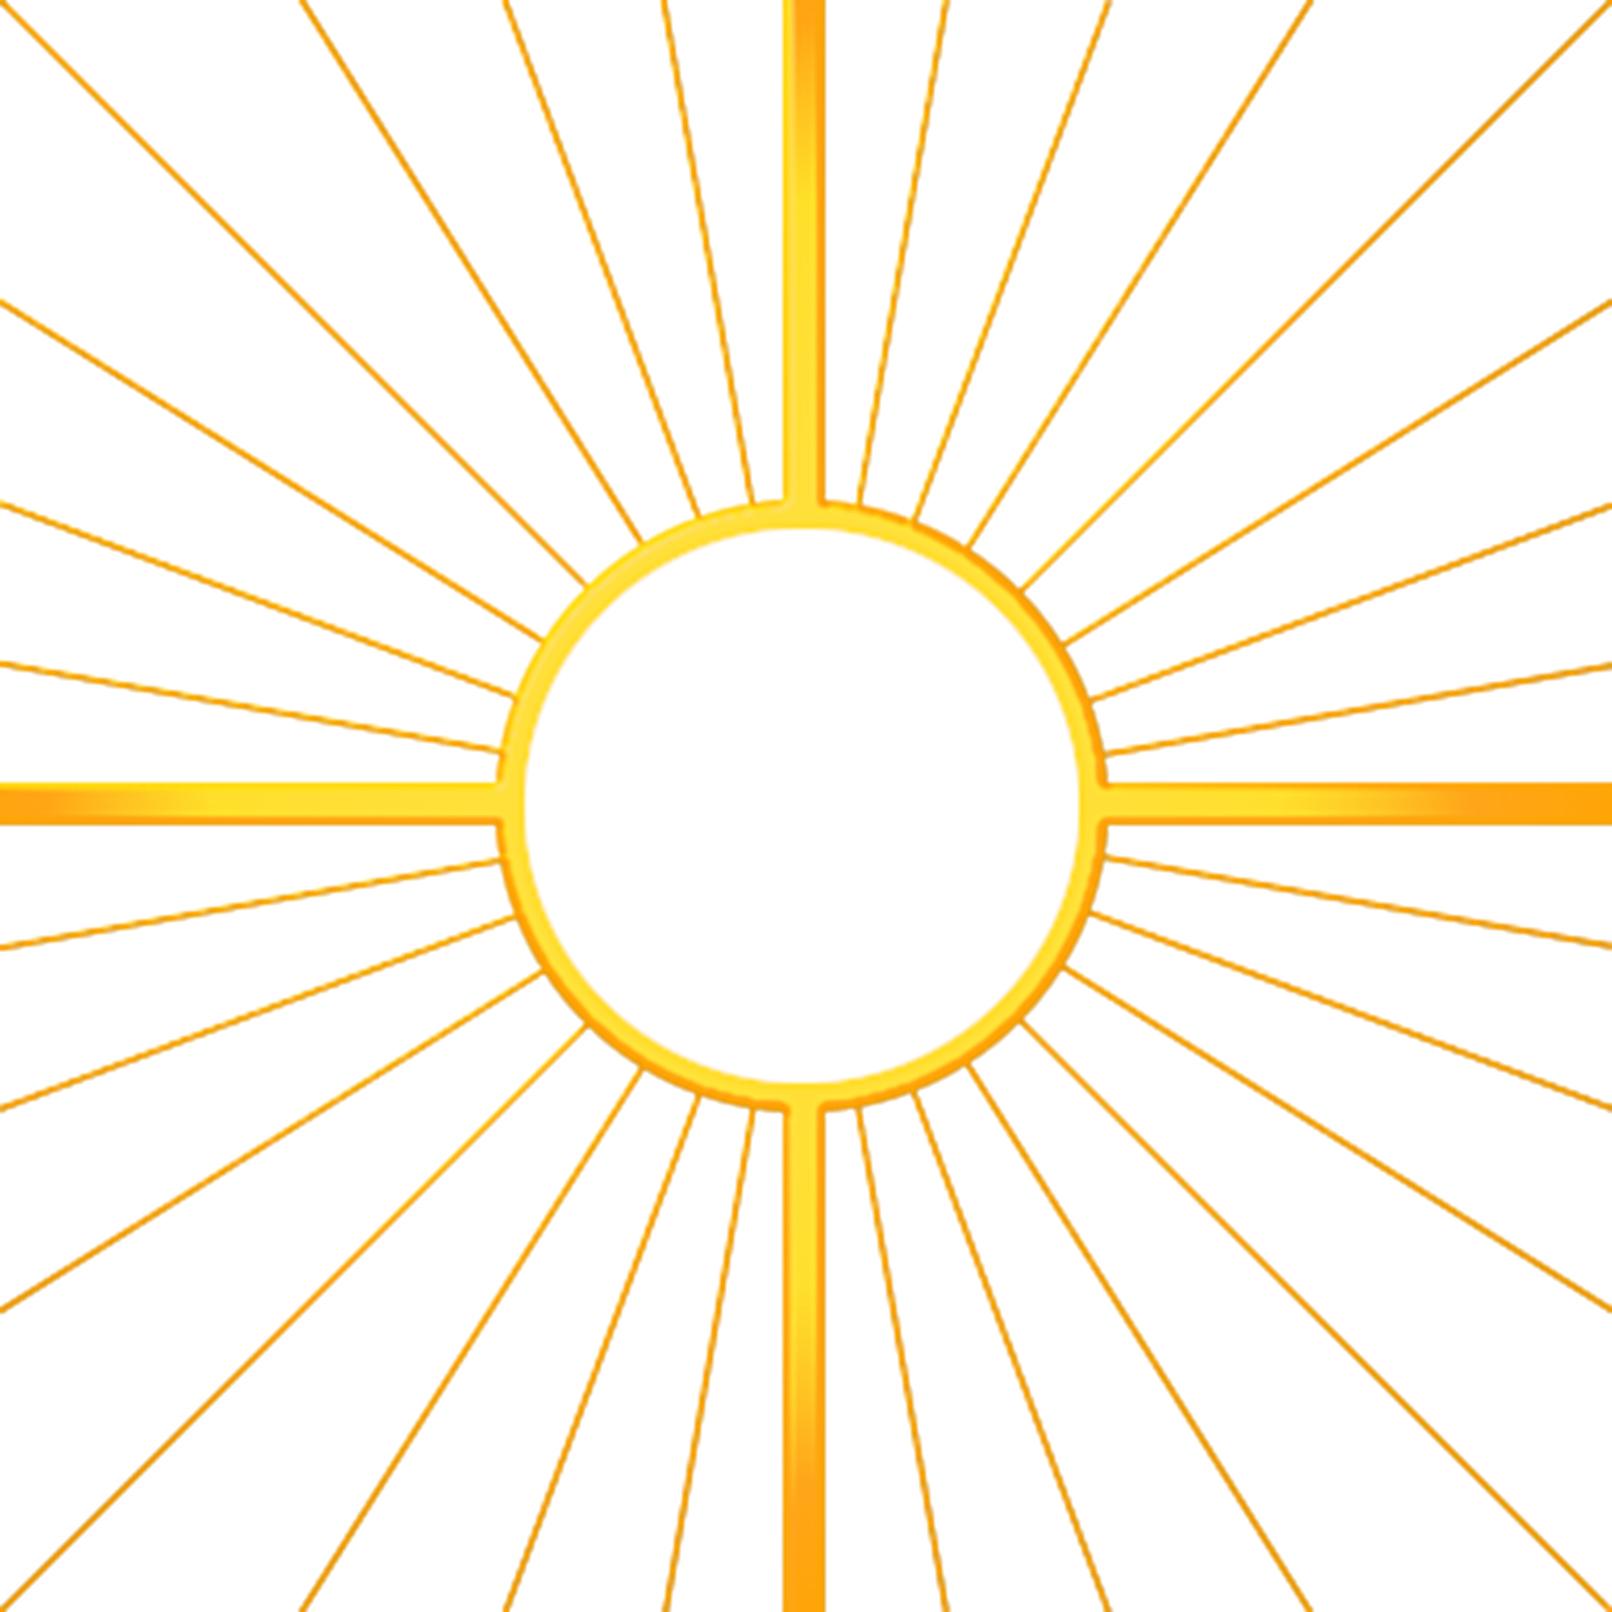 Liebe-Licht-Kreis Jesu Christi